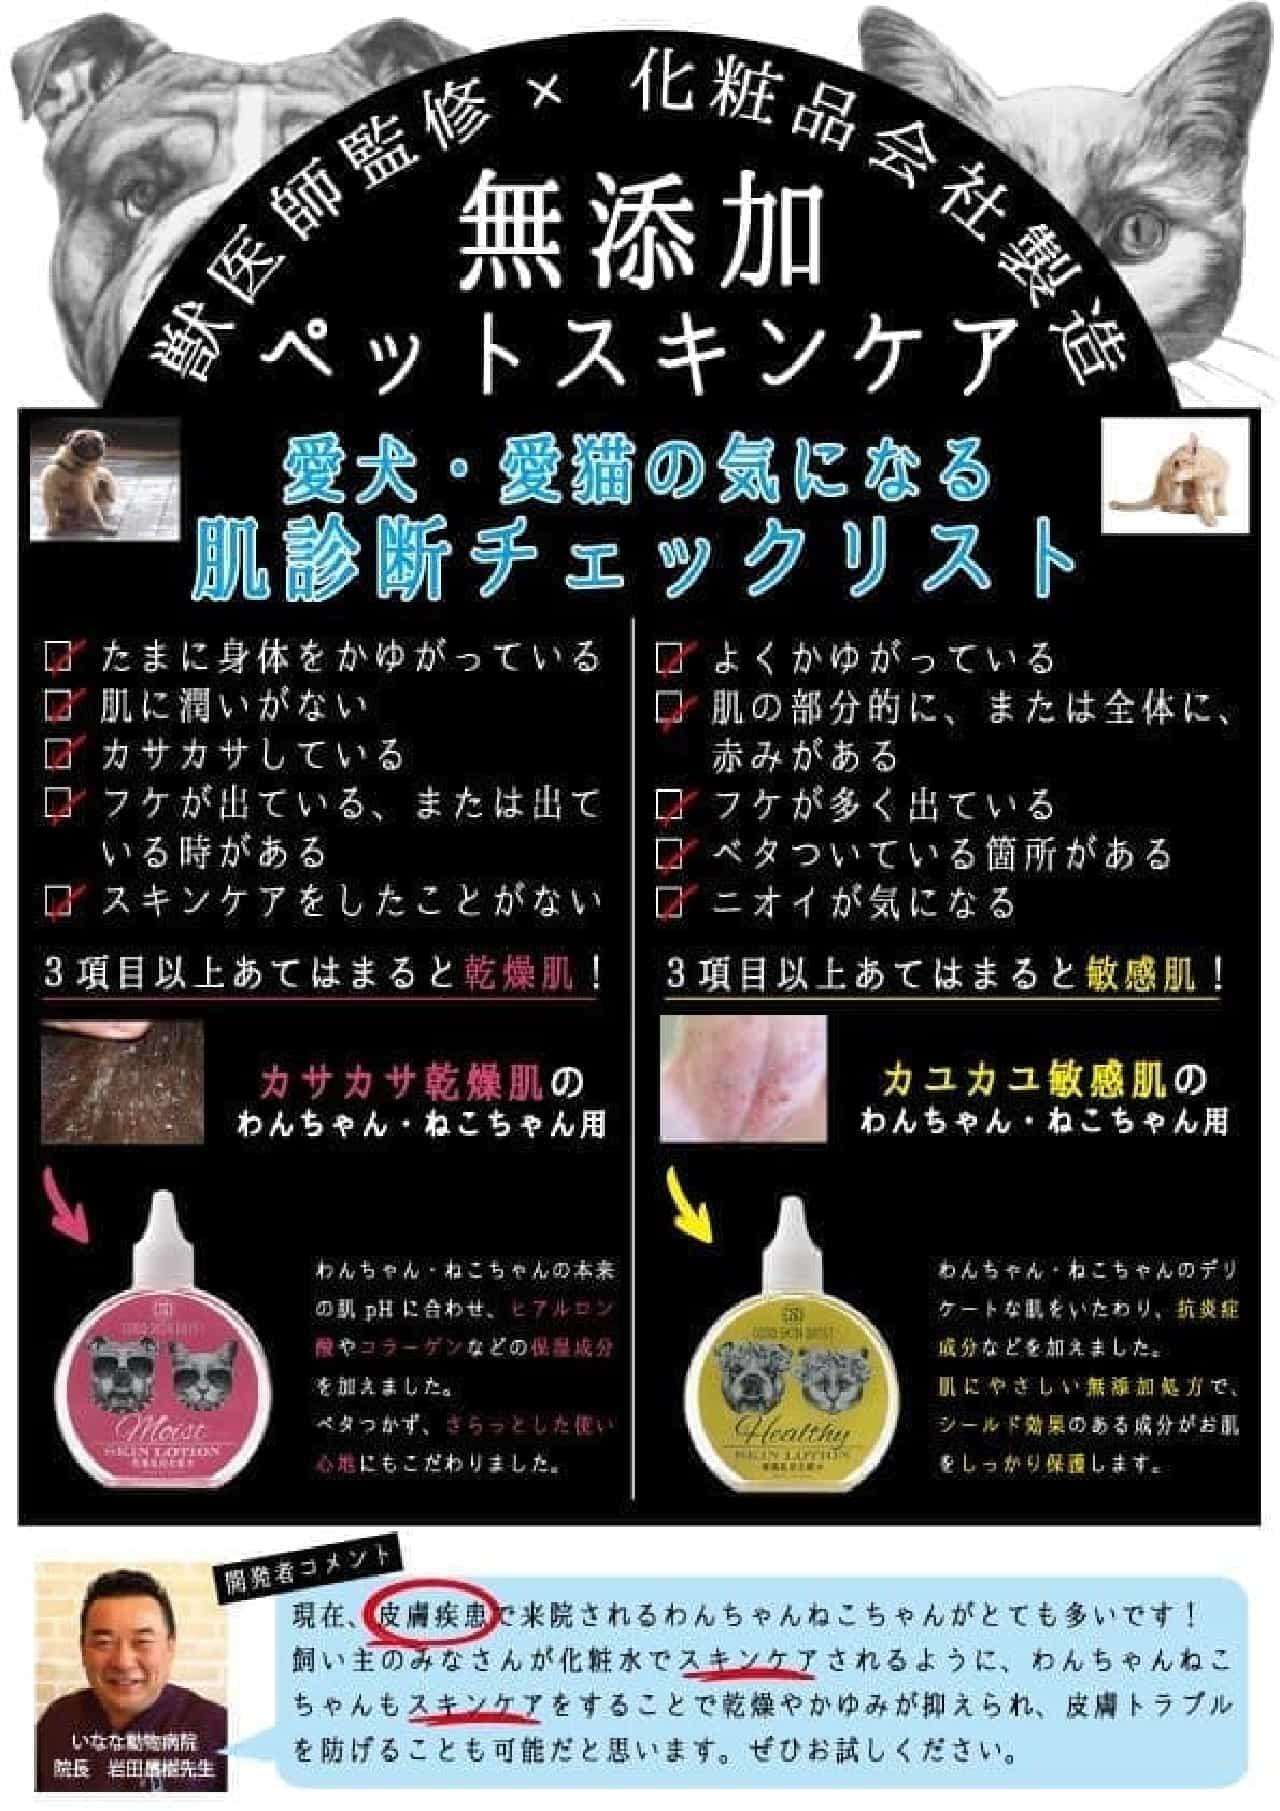 にゃんこ、ワンコ向けの化粧水「無添加ペットスキンケア グッドスキンデイズ!」